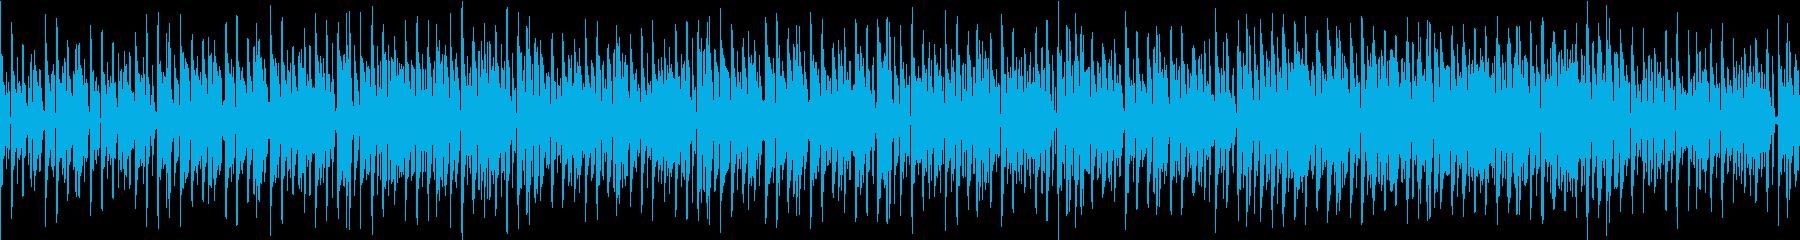 ファンキーな日常の再生済みの波形